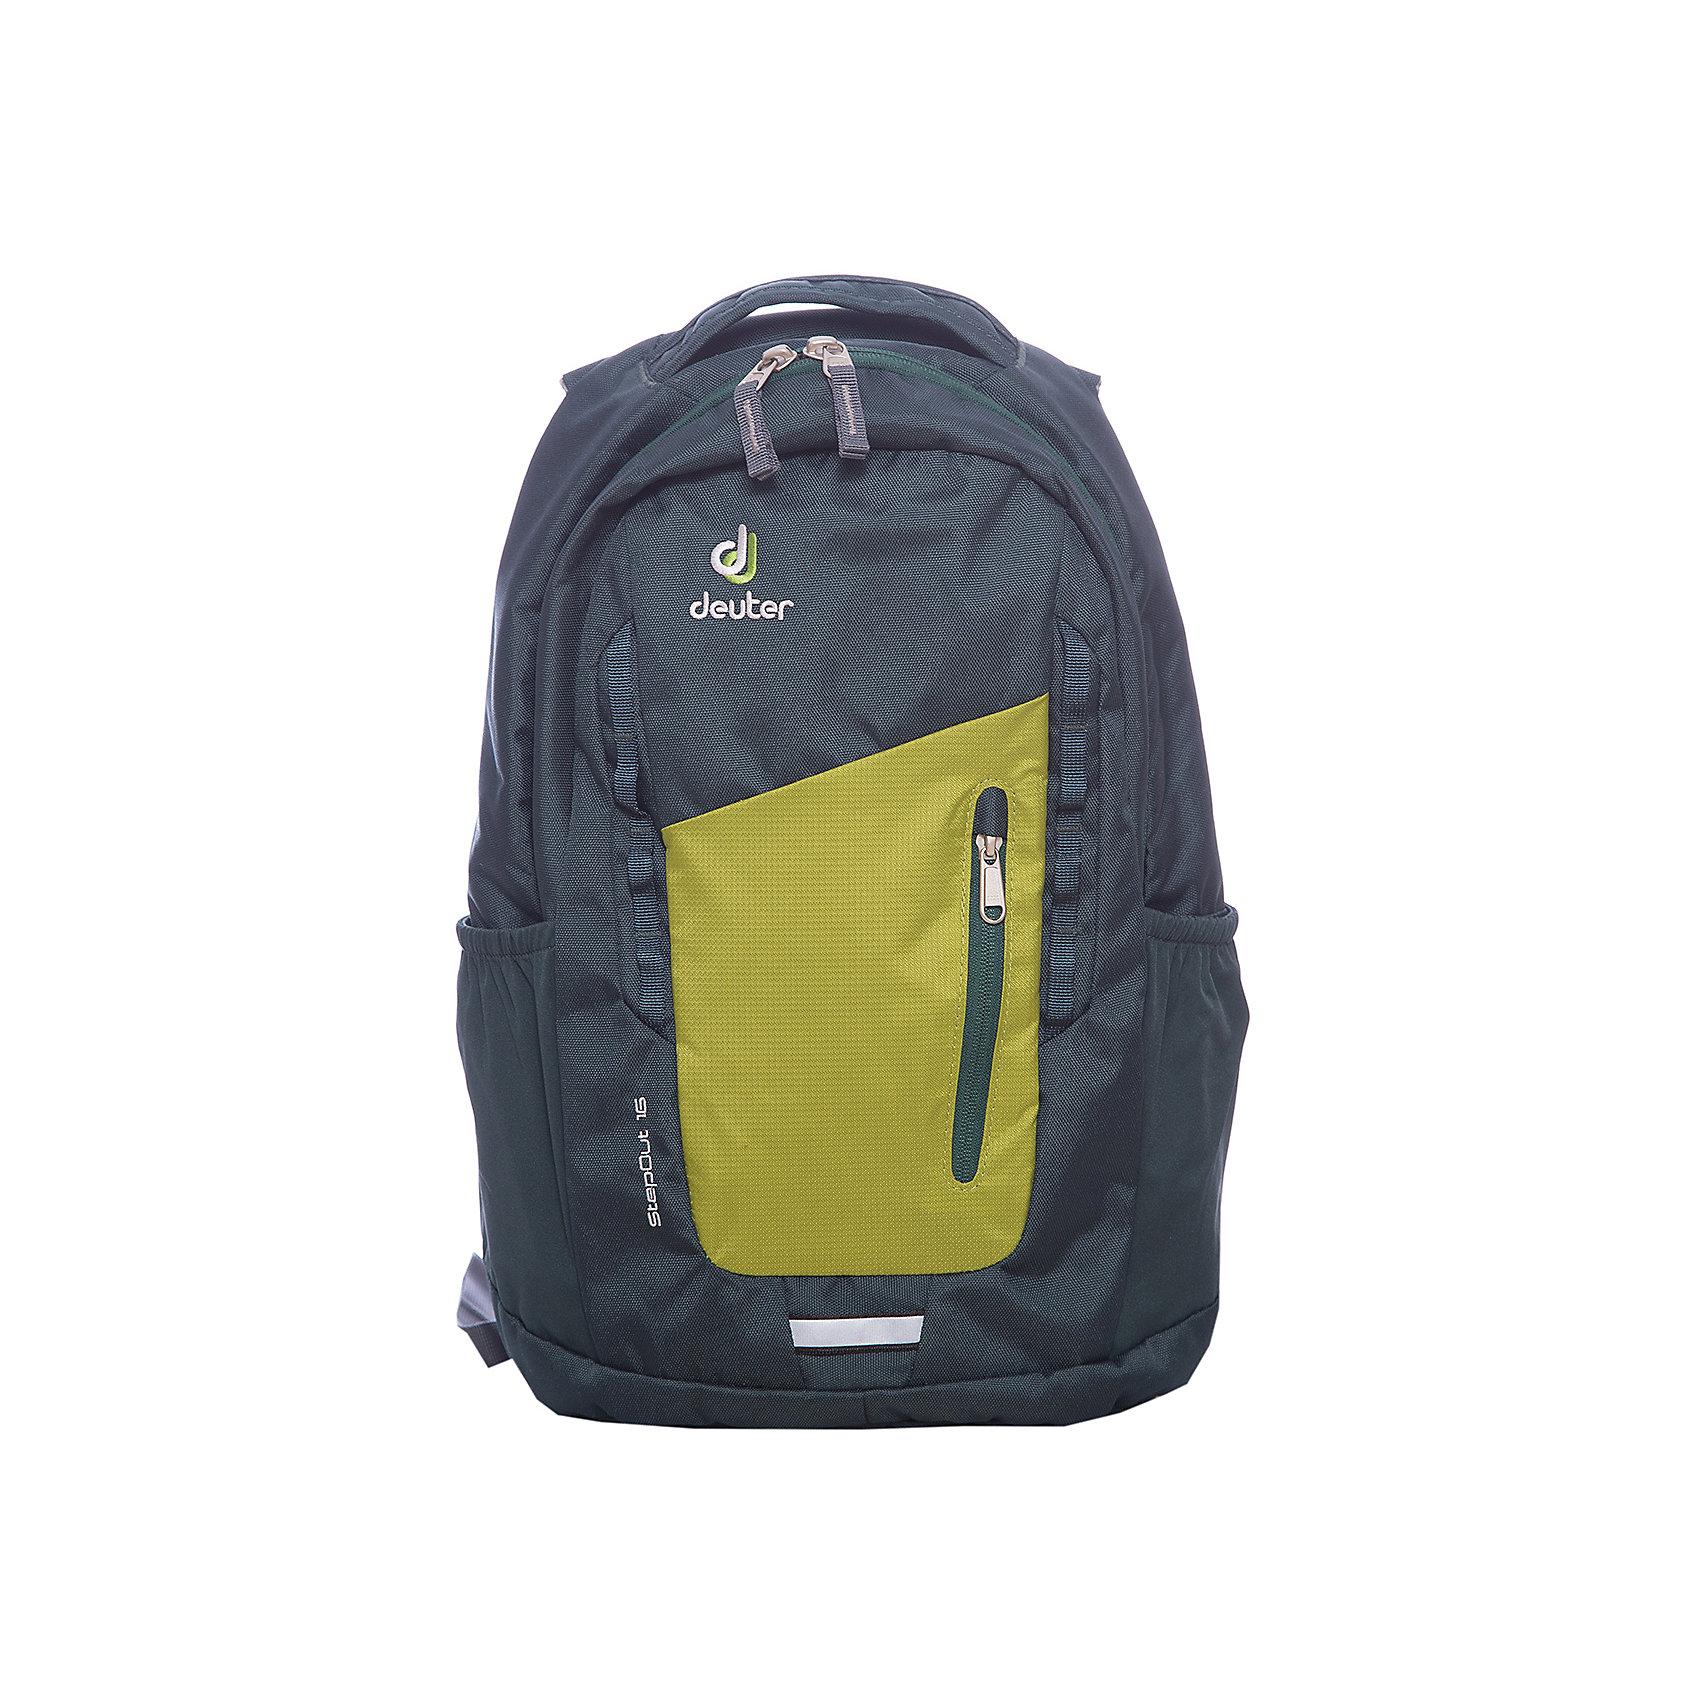 Рюкзак Stepout  16, сине-зеленыйРюкзак Stepout  16, сине-зеленый, Deuter (Дойтер)<br><br>Характеристики:<br><br>• система вентиляции спины Airstripes<br>• лямки имеют анатомическую форму<br>• отделение для документов<br>• внешний карман на молнии с карабином для ключей<br>• боковые карманы на резинке<br>• петля для фонарика<br>• удобная ручка для переноски<br>• петля для навески<br>• материал: Super-Polytex<br>• объем: 16 л<br>• размер: 45х26х16 см<br>• вес: 550 грамм<br>• цвет: сине-зеленый<br><br>Городской рюкзак Stepout очень функционален. Он оснащен одним большим отделением на молнии, внешним отделением на молнии и двумя боковыми карманами на резинке. Основное отделение имеет карман для документов, а внешнее - карабин для ключей. Плечевые ремни имеют анатомическую форму, обеспечивающую правильное распределение нагрузки на спину. Рюкзак также оснащен системой Airstripes, которая позволит коже дышать. Она впитывает лишнюю влагу и пропускает воздух. Рюкзак имеет удобную ручку для переноски в руке и петлю для навески. Этот рюкзак - прекрасный выбор для ценителей качества и удобства!<br><br>Рюкзак Stepout  16, сине-зеленый, Deuter (Дойтер) можно купить в нашем интернет-магазине.<br><br>Ширина мм: 160<br>Глубина мм: 260<br>Высота мм: 450<br>Вес г: 550<br>Возраст от месяцев: 72<br>Возраст до месяцев: 144<br>Пол: Унисекс<br>Возраст: Детский<br>SKU: 4782532